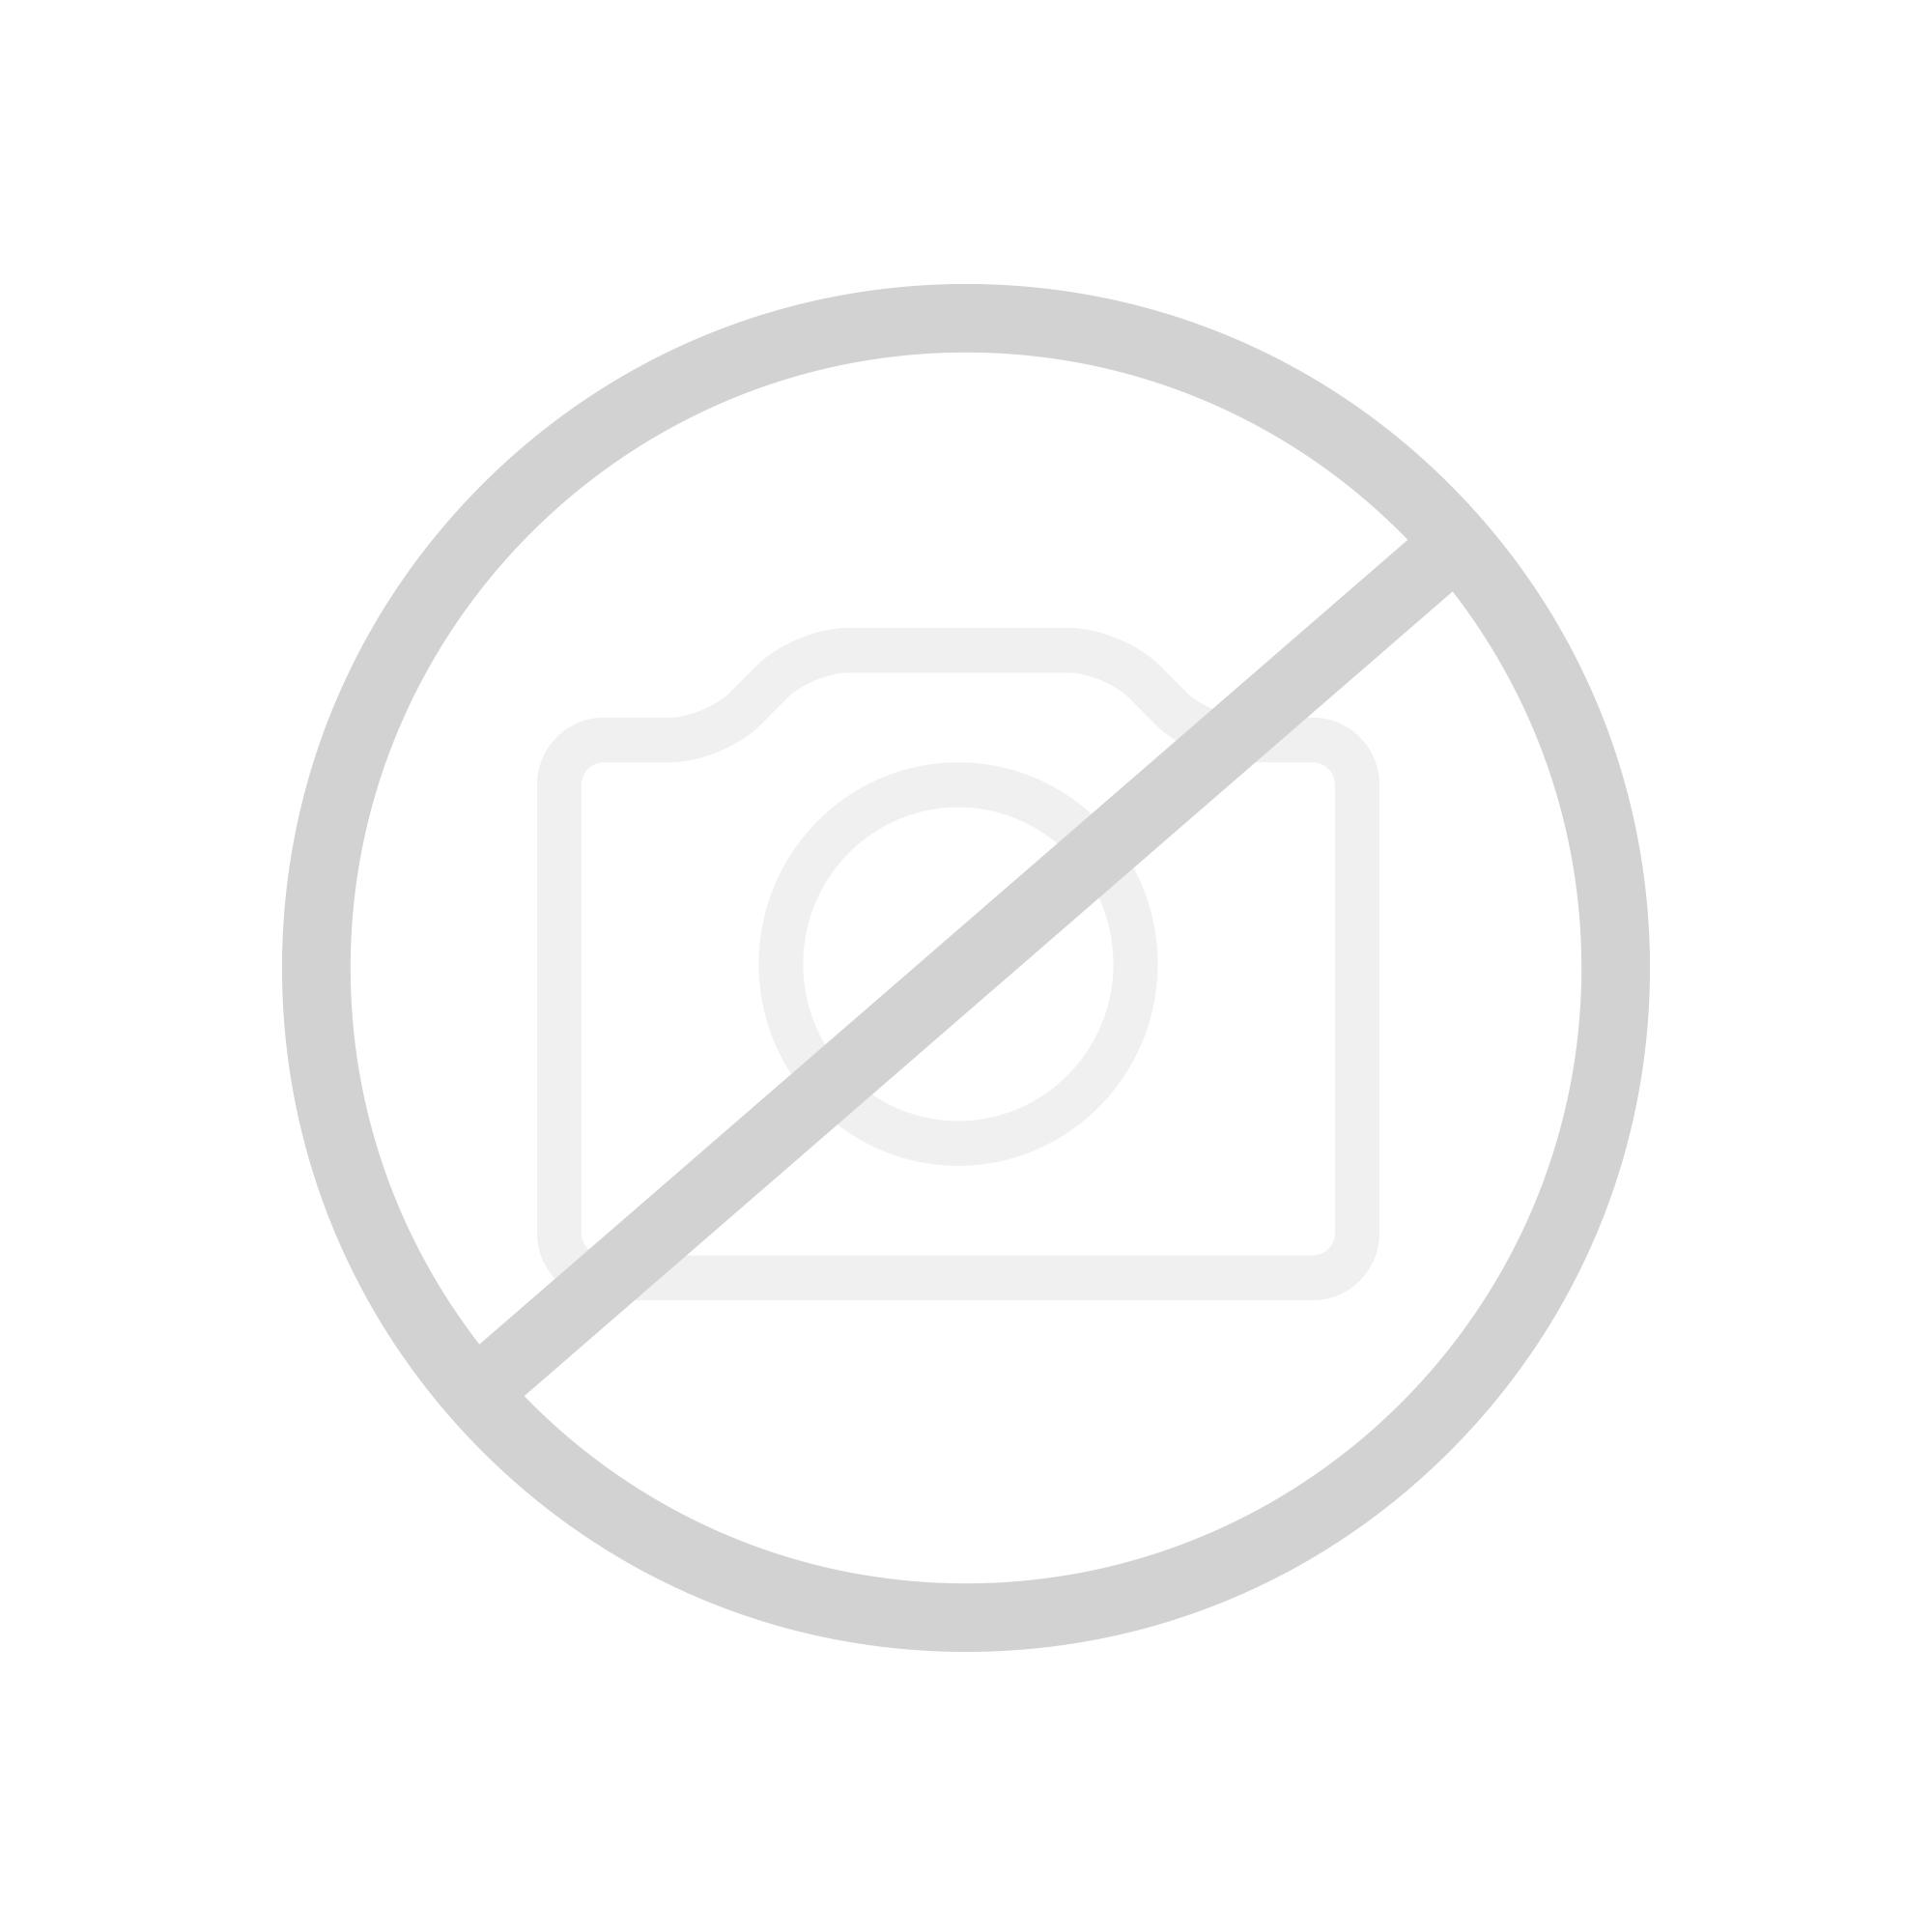 antoniolupi Ayati AY301 Waschtisch-Eingriffmischer H: 160 mm edelstahl satiniert